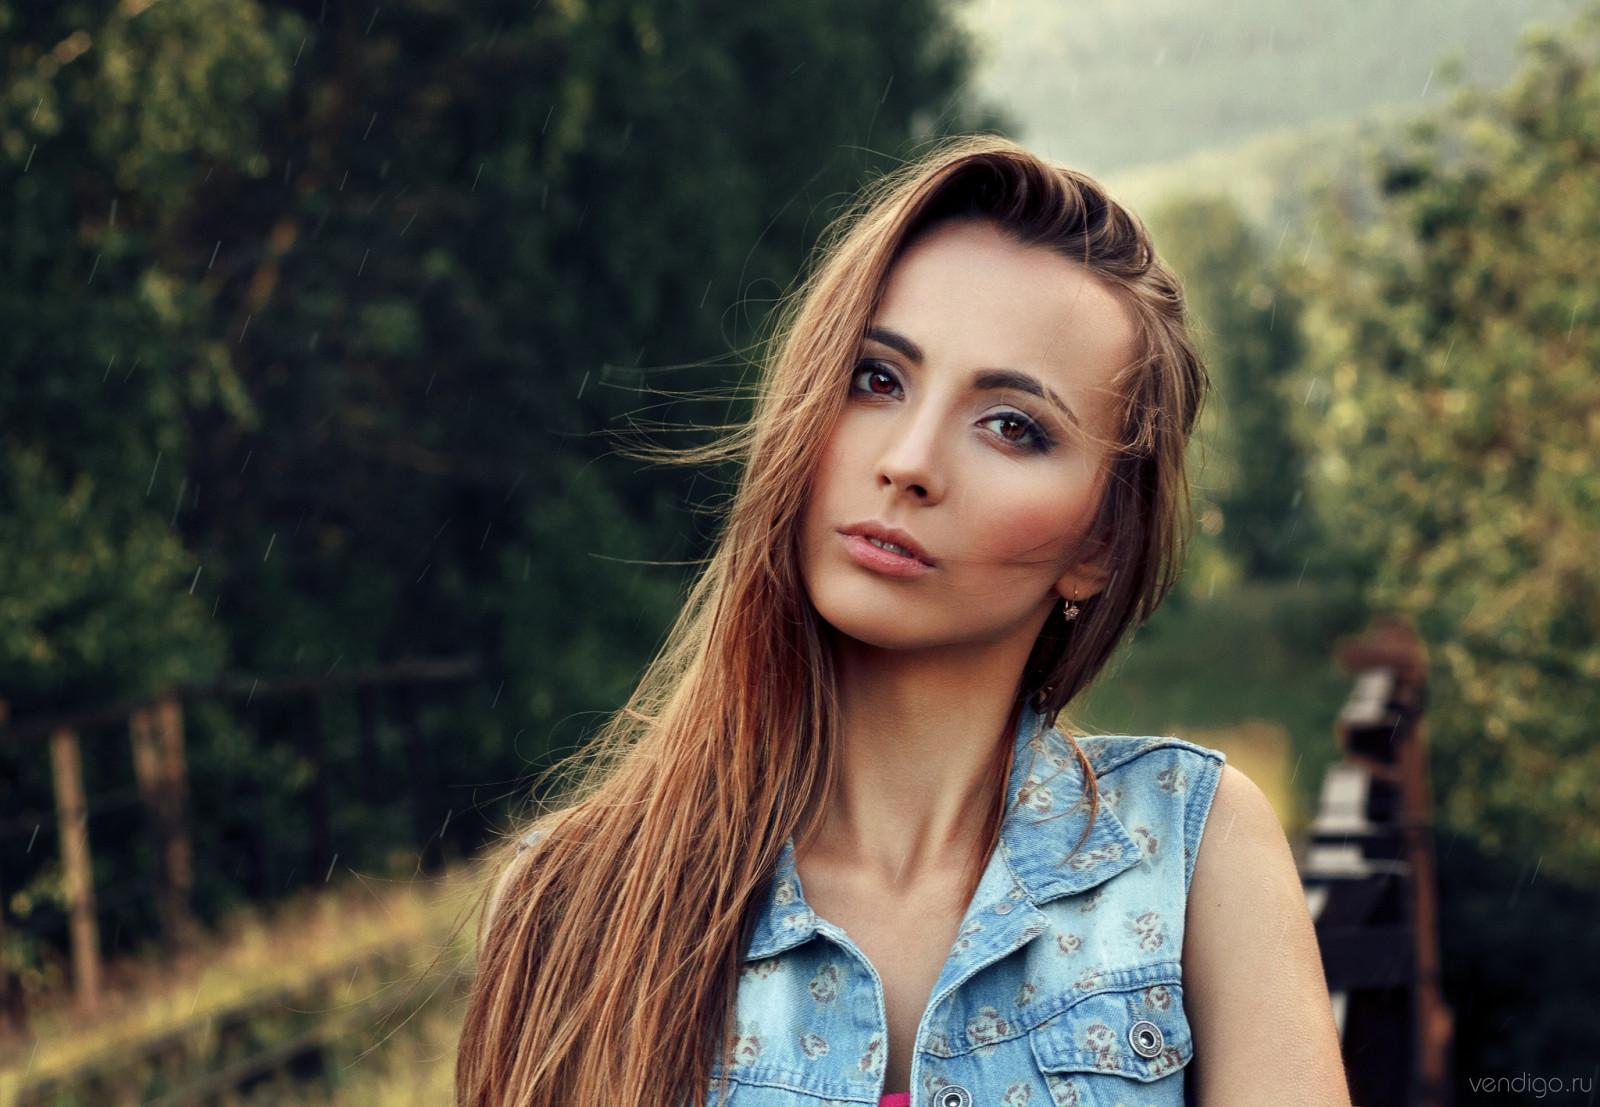 Hintergrundbilder : Gesicht, Frauen im Freien, Frau